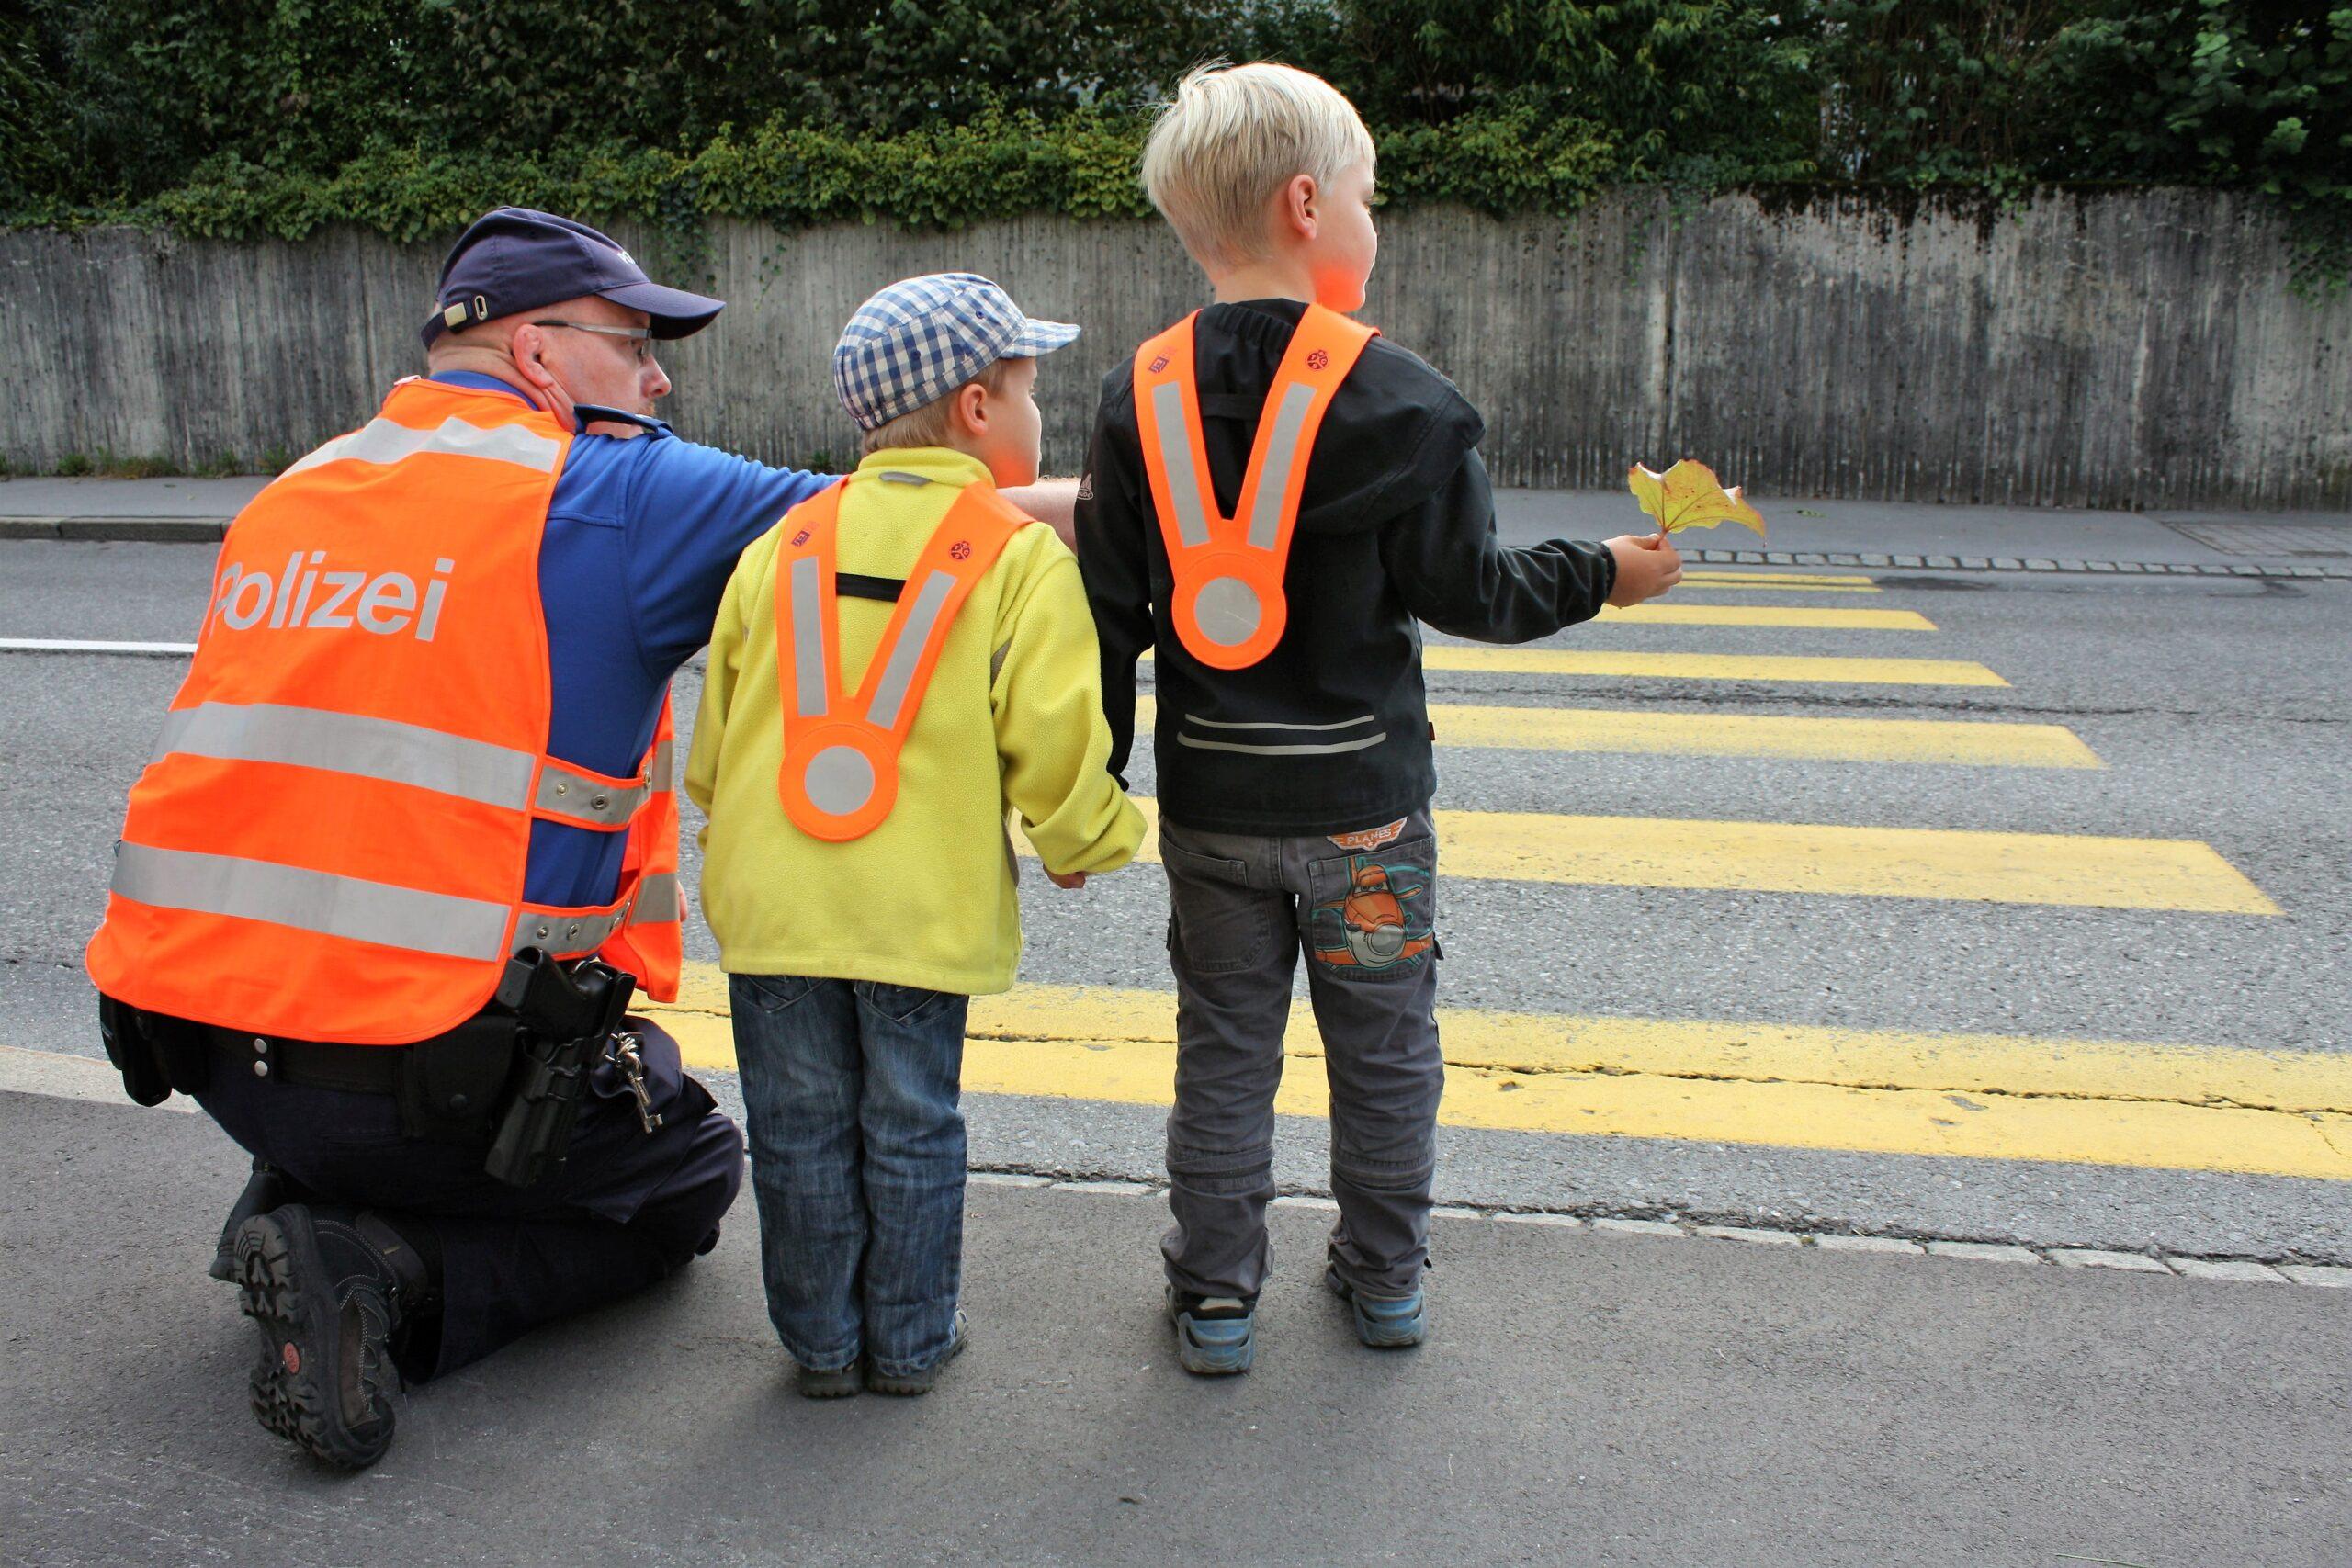 Die Umsetzung der Strassenverkehrsgesetze gehört ebenso wie die Verkehrserziehung von Kindern zu den Aufgaben der Bediensteten. (Bildquelle: Kapo Glarus)